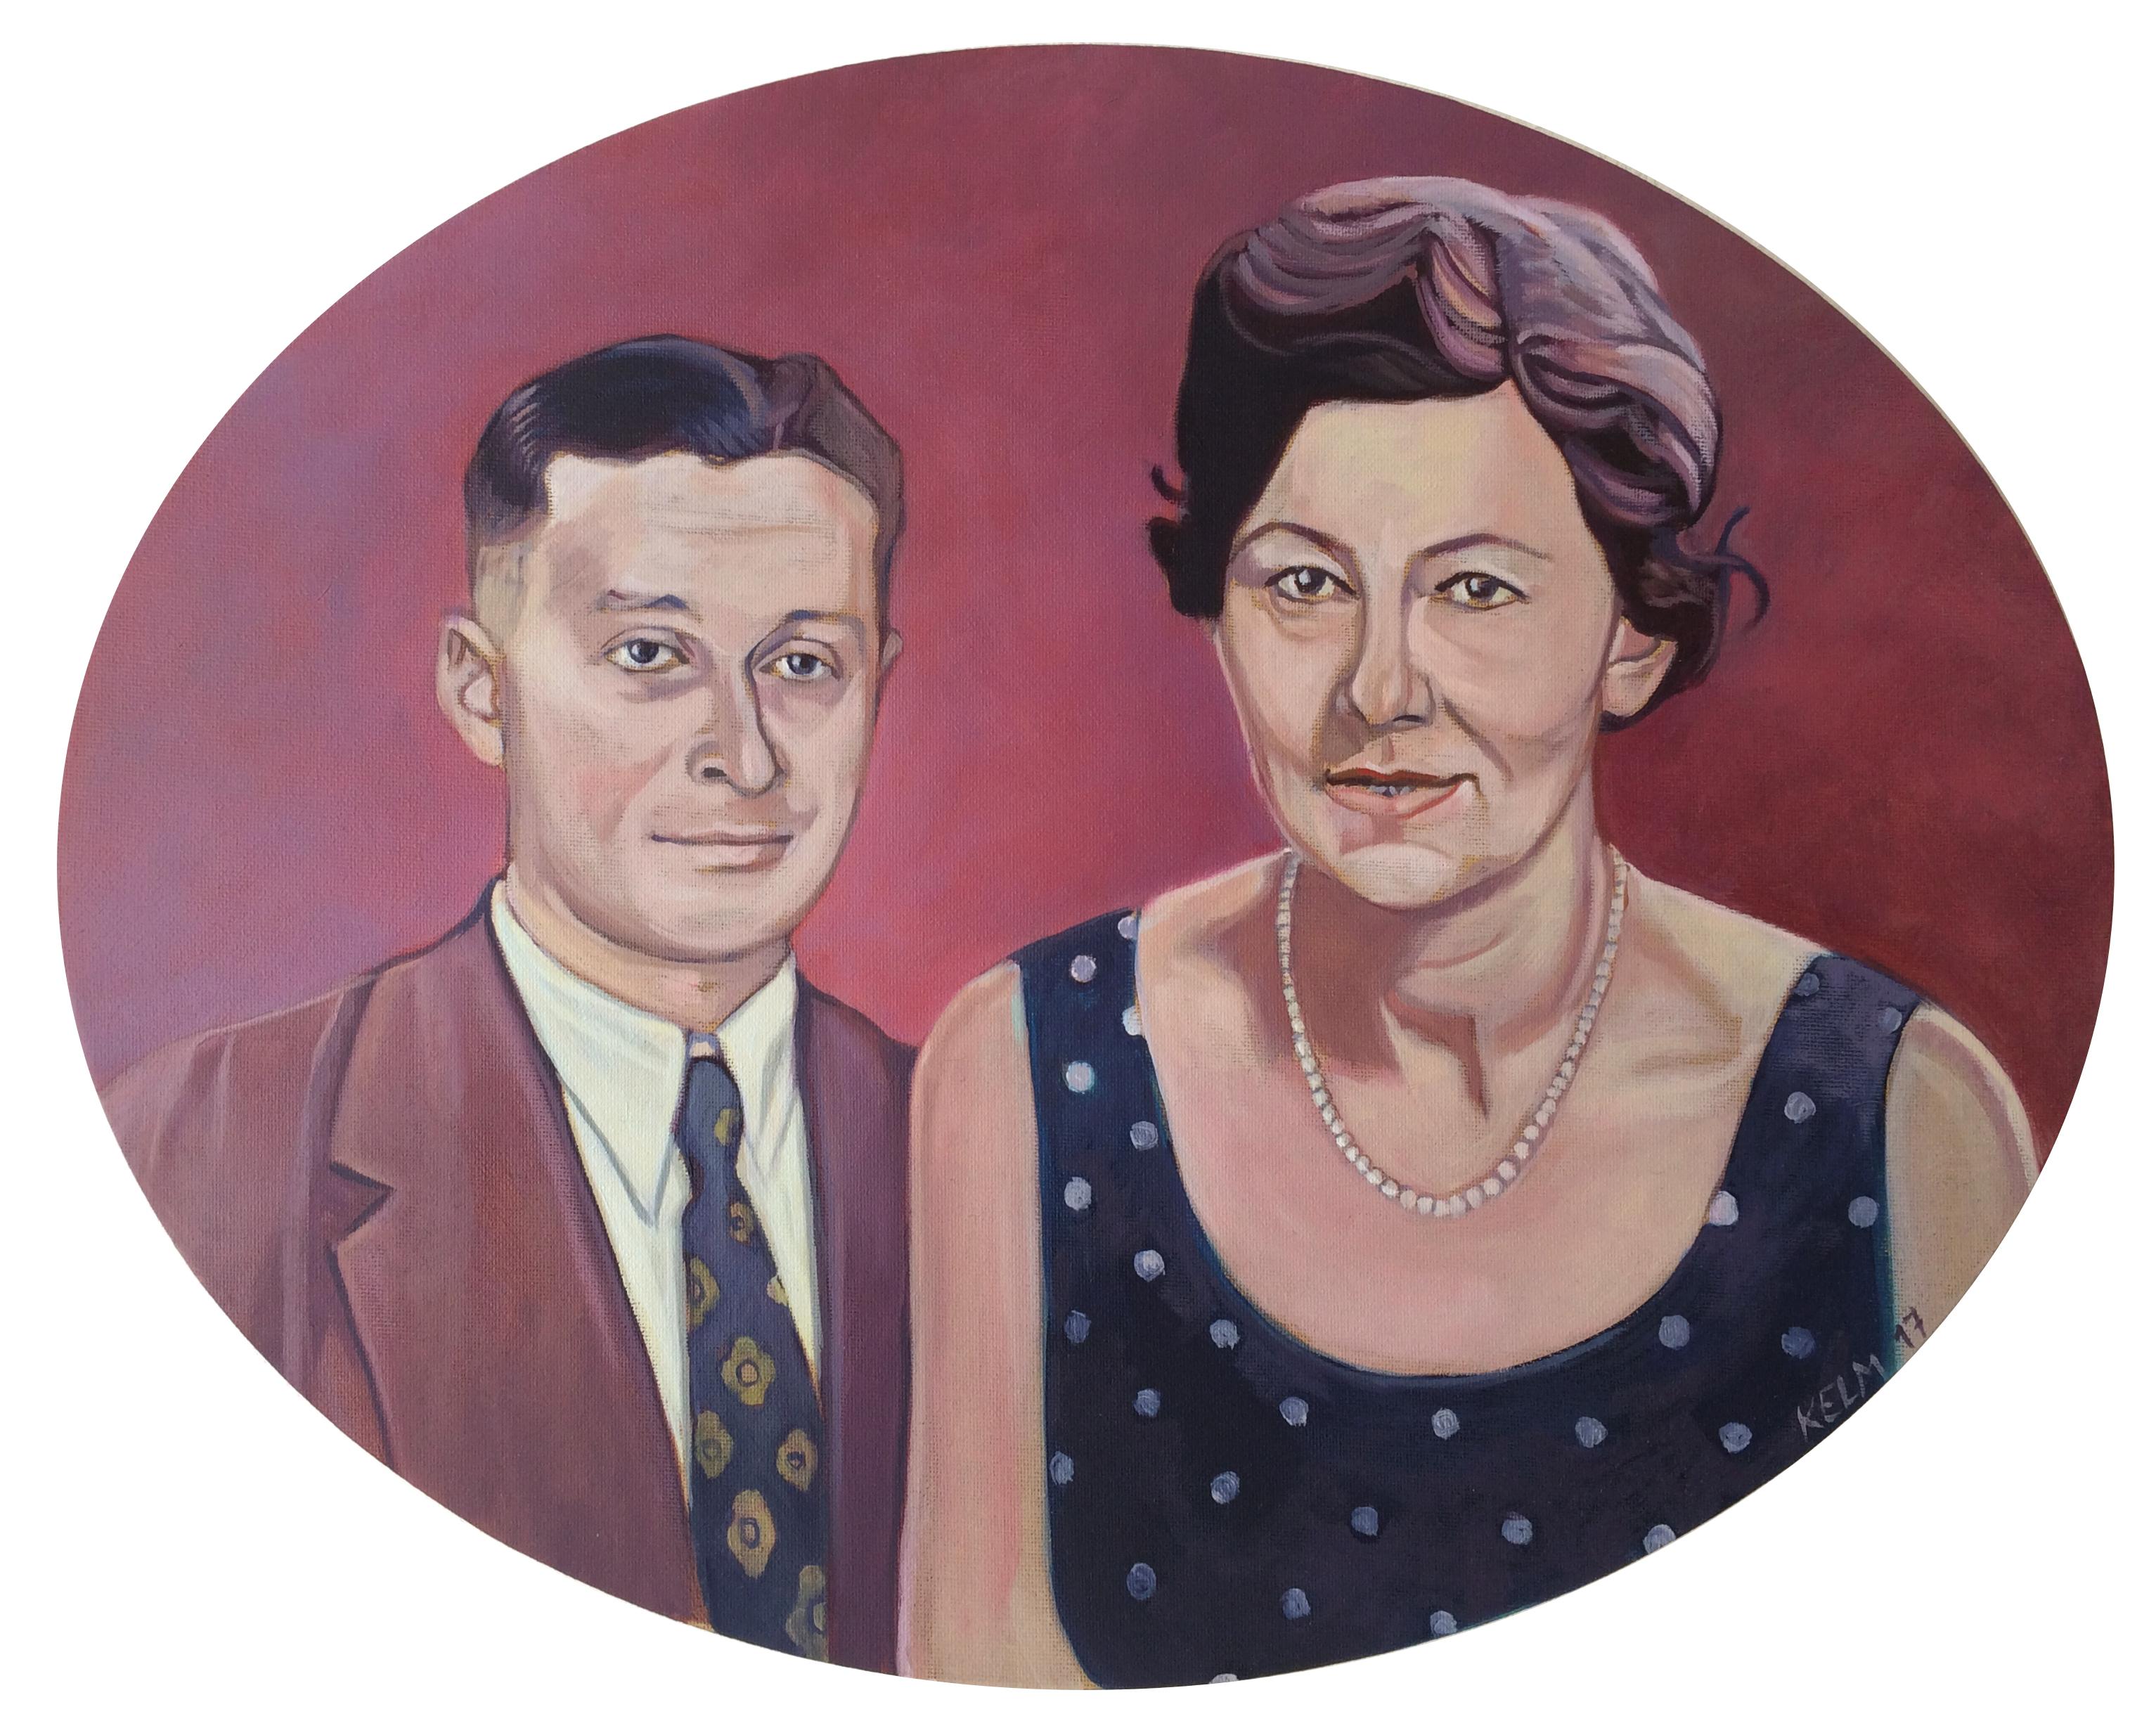 Edith und Helmuth, 2017, Öl auf ovaler Leinwand, 40 x 50 cm